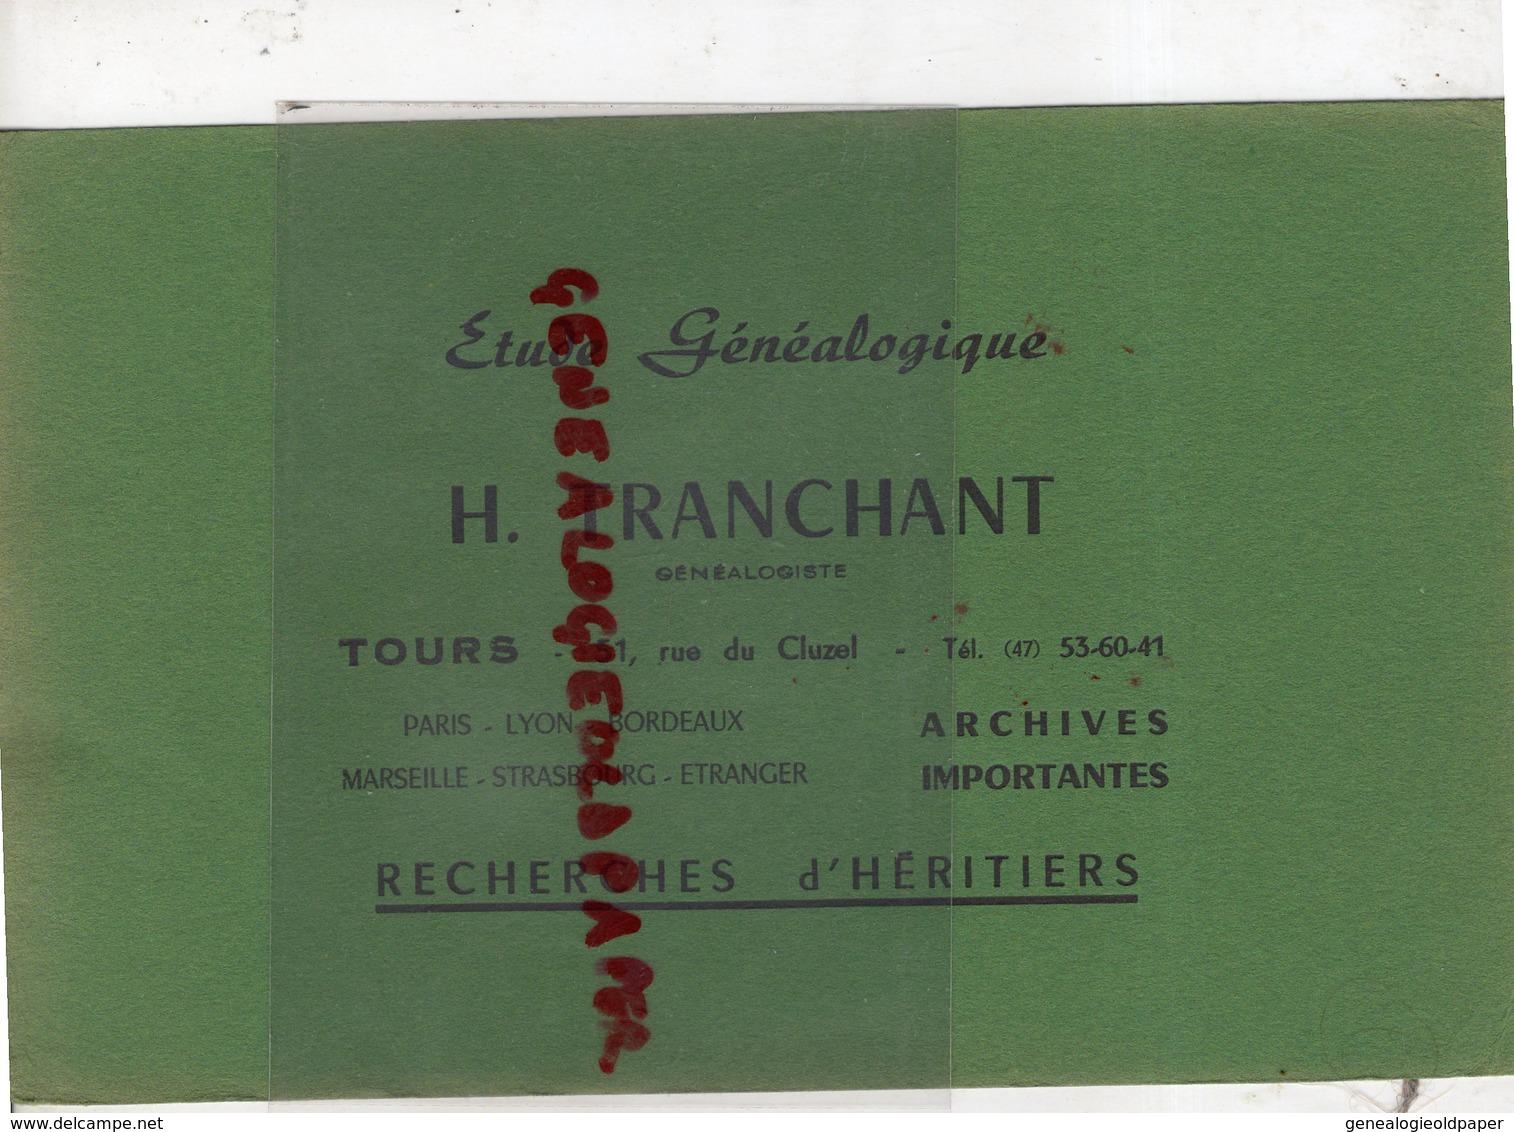 37 - TOURS -PARIS-LYON-MARSEILLE- BUVARD H. TRANCHANT- ETUDE GENEALOGIQUE-GENEALOGISTE-GENEALOGIE- 51 RUE DU CLUZEL- - G